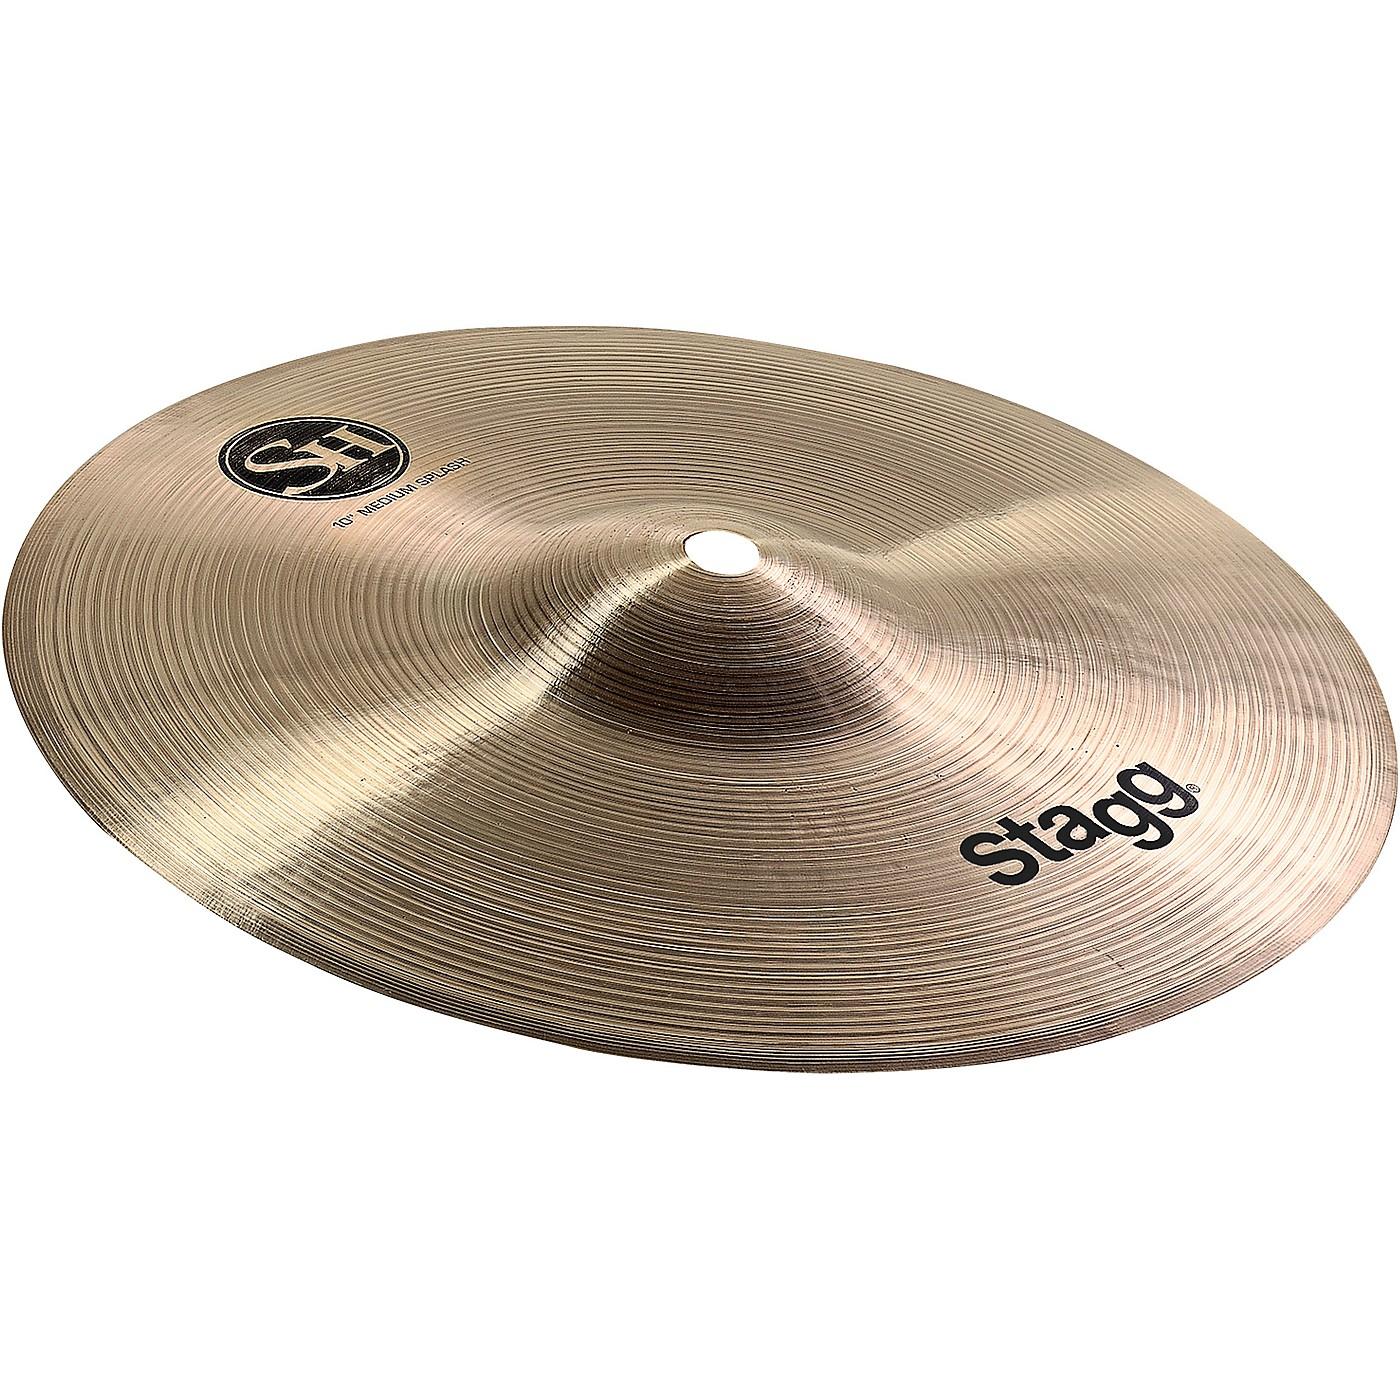 Stagg SH Regular Medium Splash Cymbal thumbnail